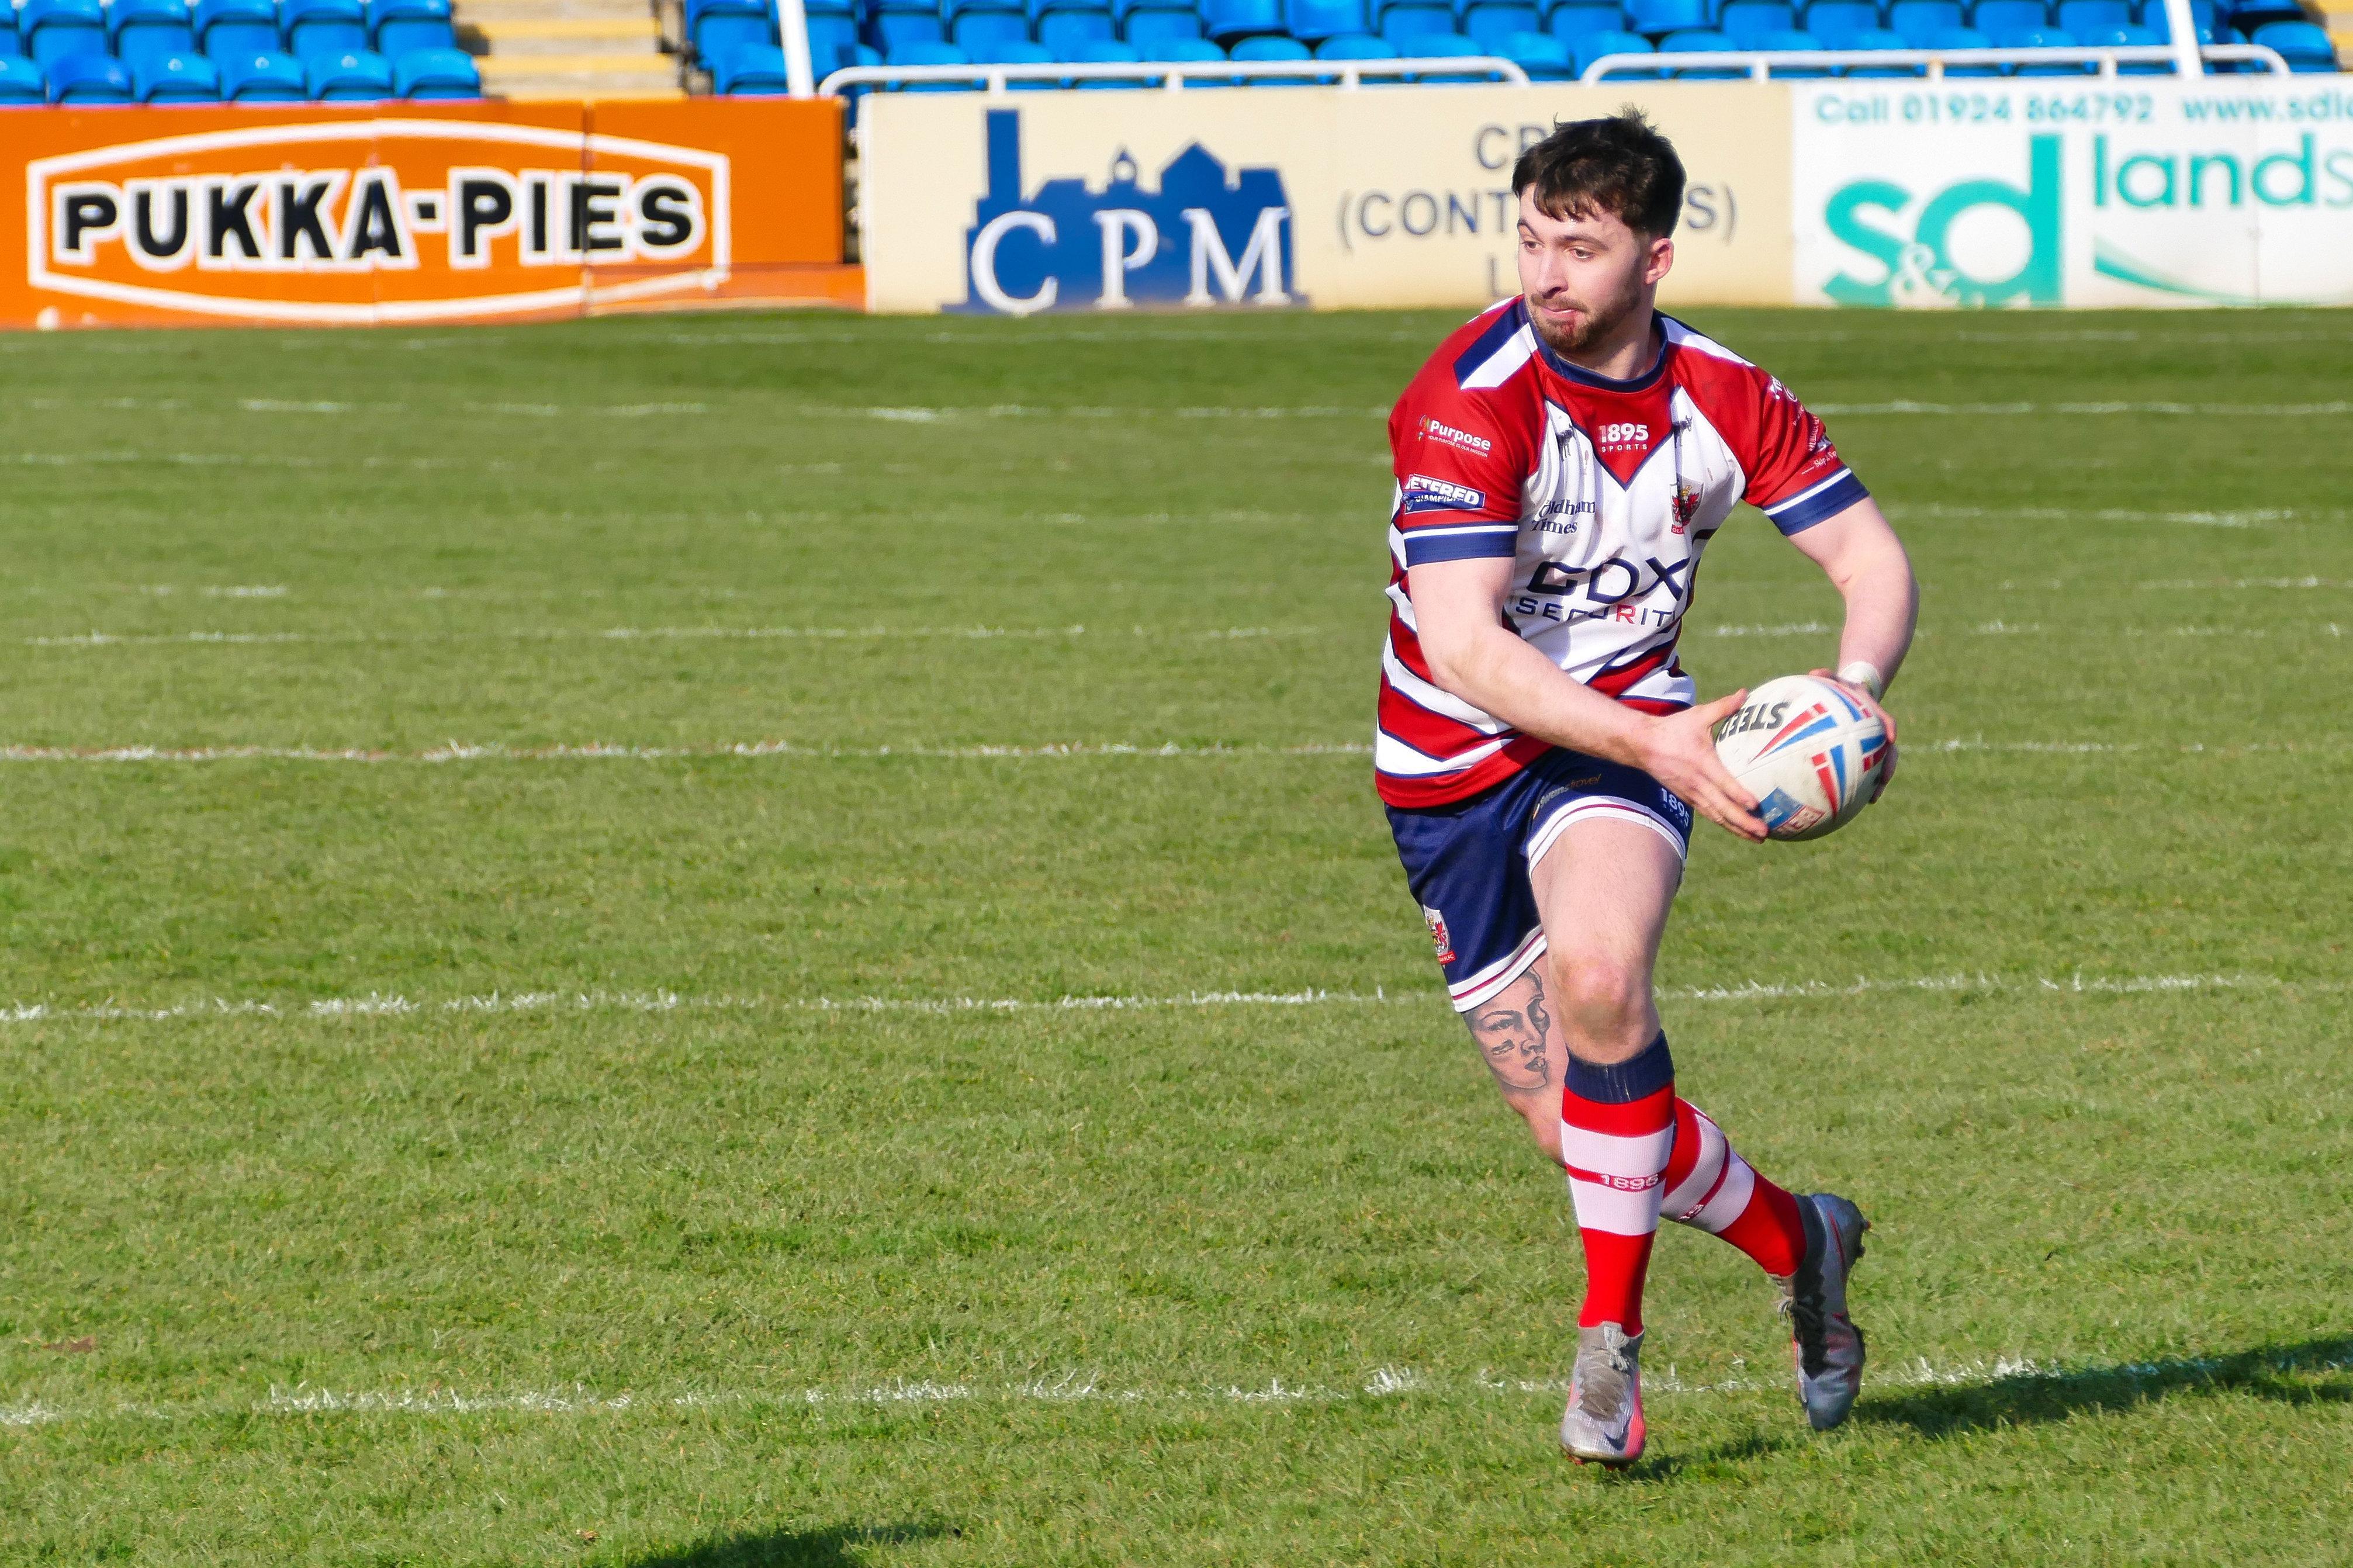 James Barran